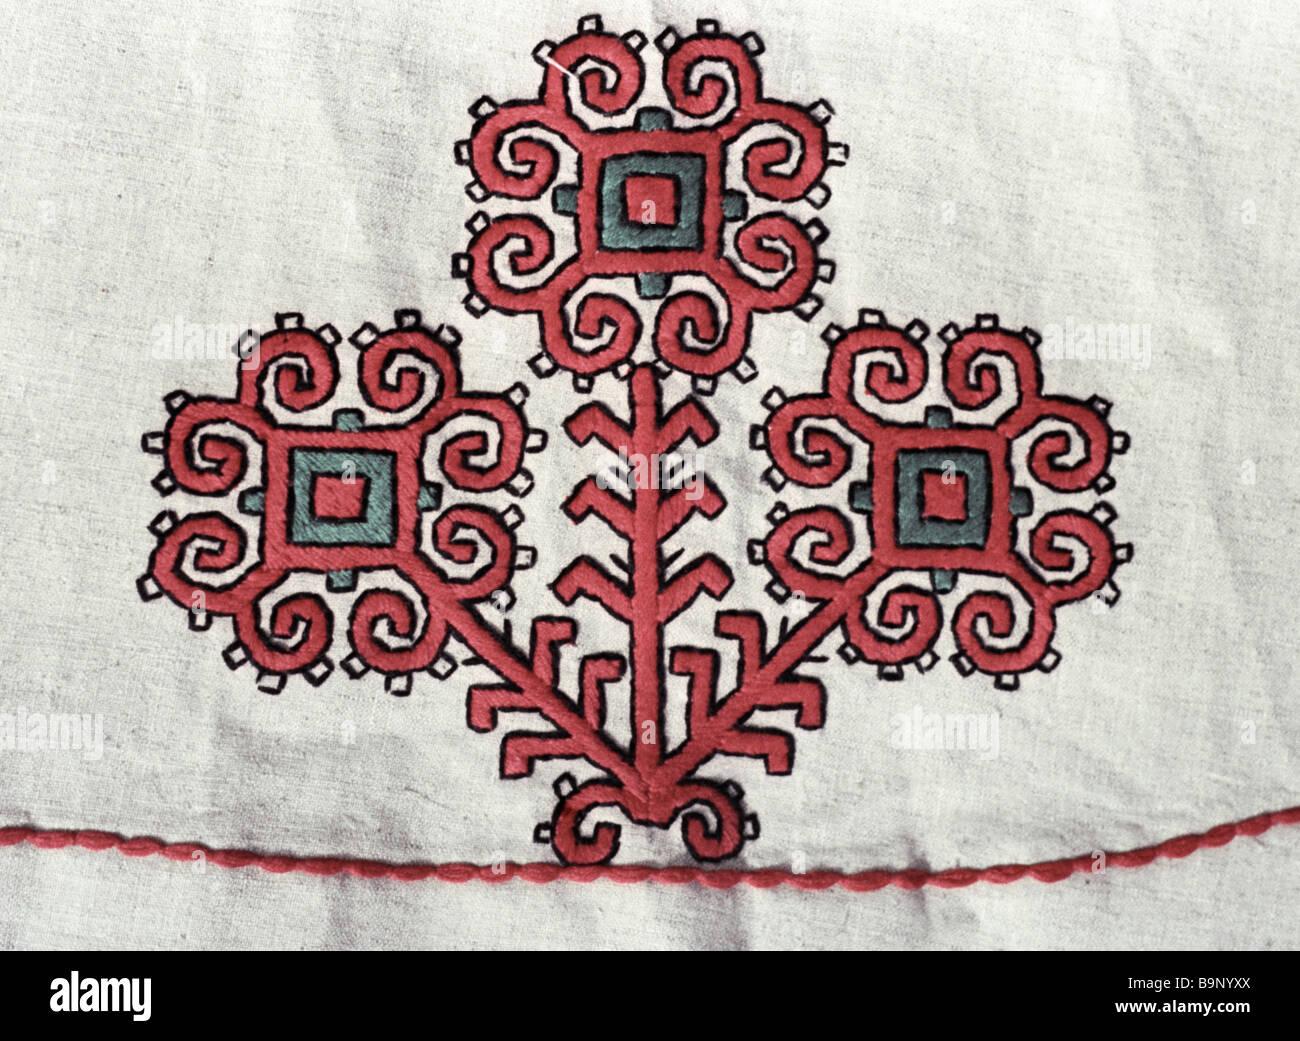 Mary national needlework - Stock Image